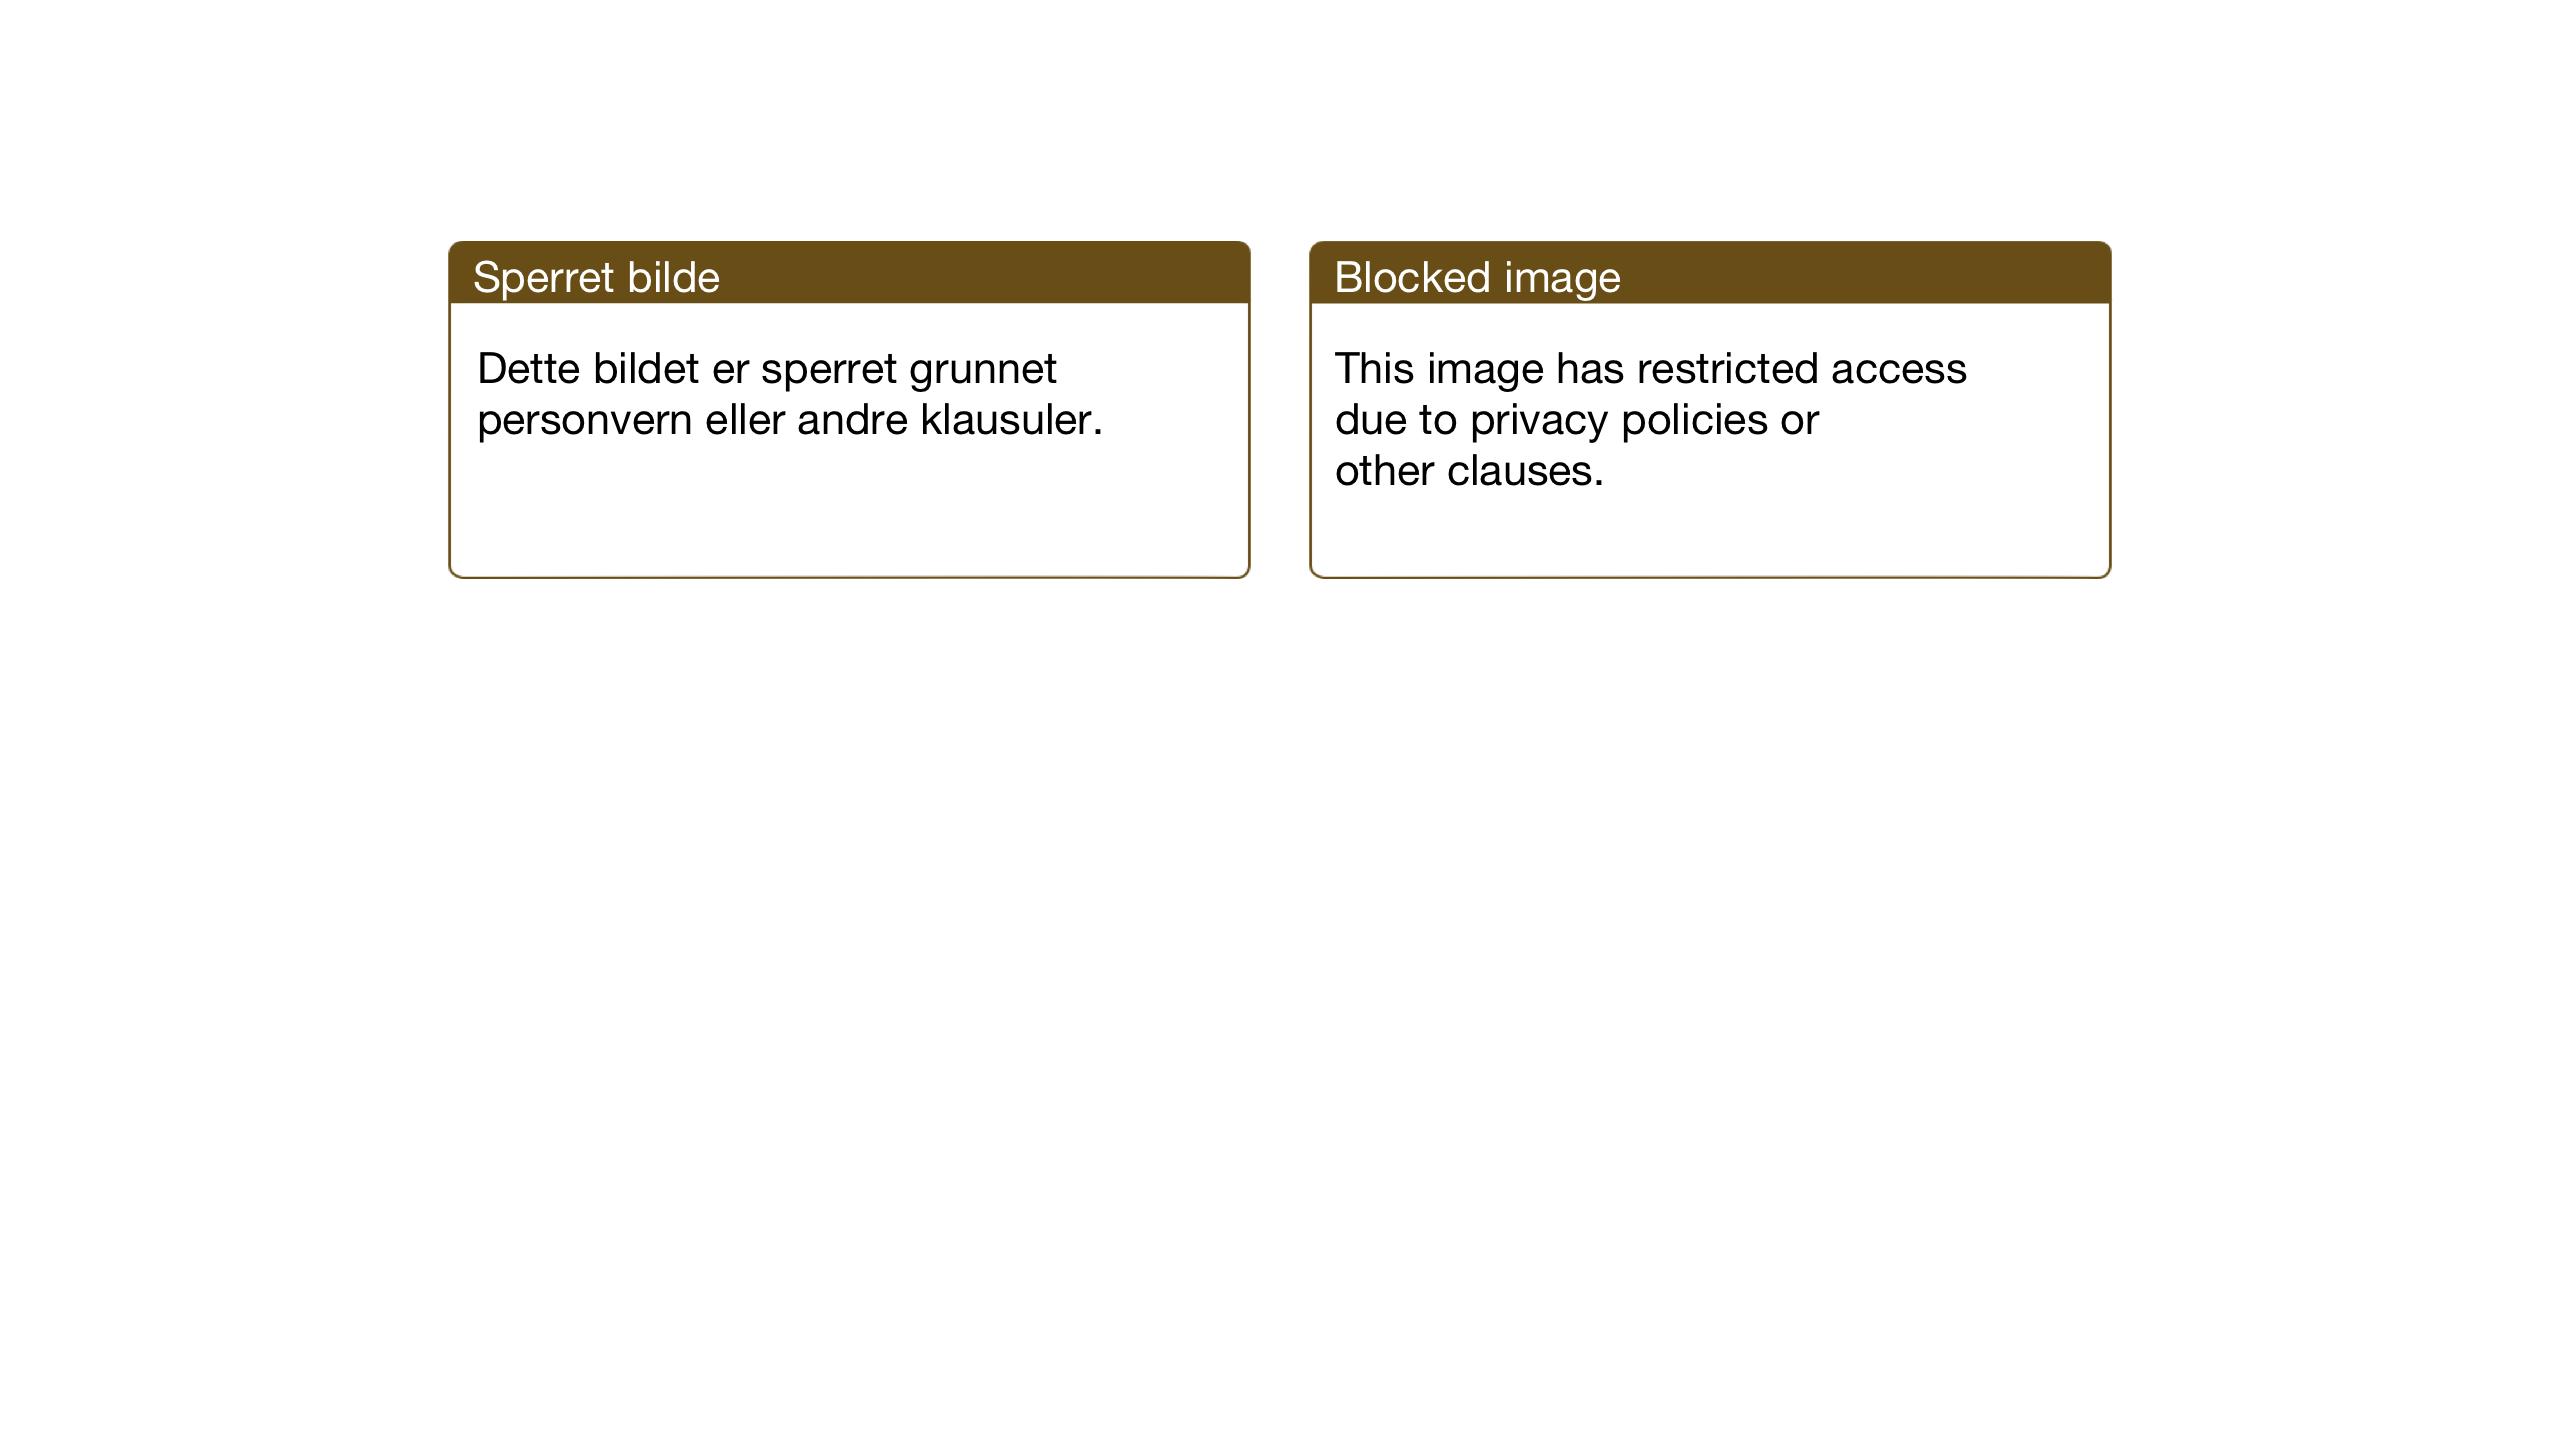 SAT, Ministerialprotokoller, klokkerbøker og fødselsregistre - Sør-Trøndelag, 674/L0877: Klokkerbok nr. 674C04, 1913-1940, s. 79